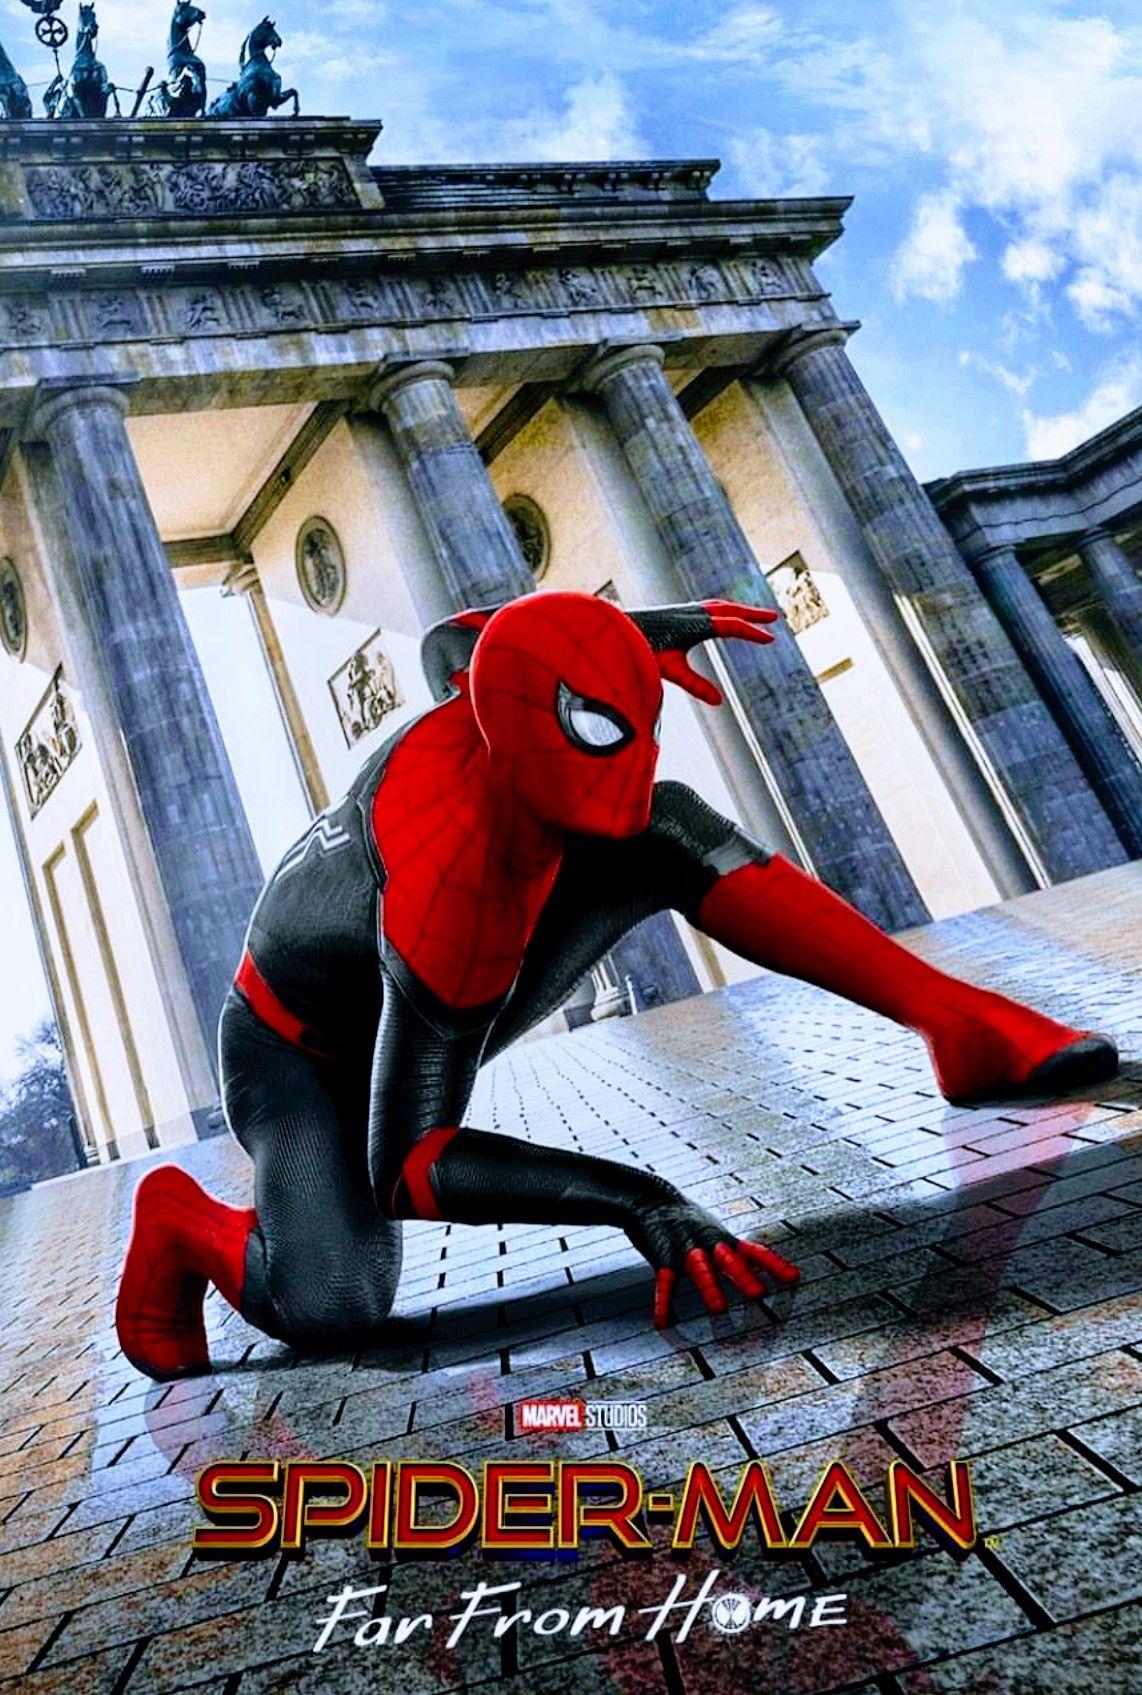 Epingle Par Tiagoportoleiva Sur Amazing Spider Man Films Complets Film Spider Man Films Complets Gratuits